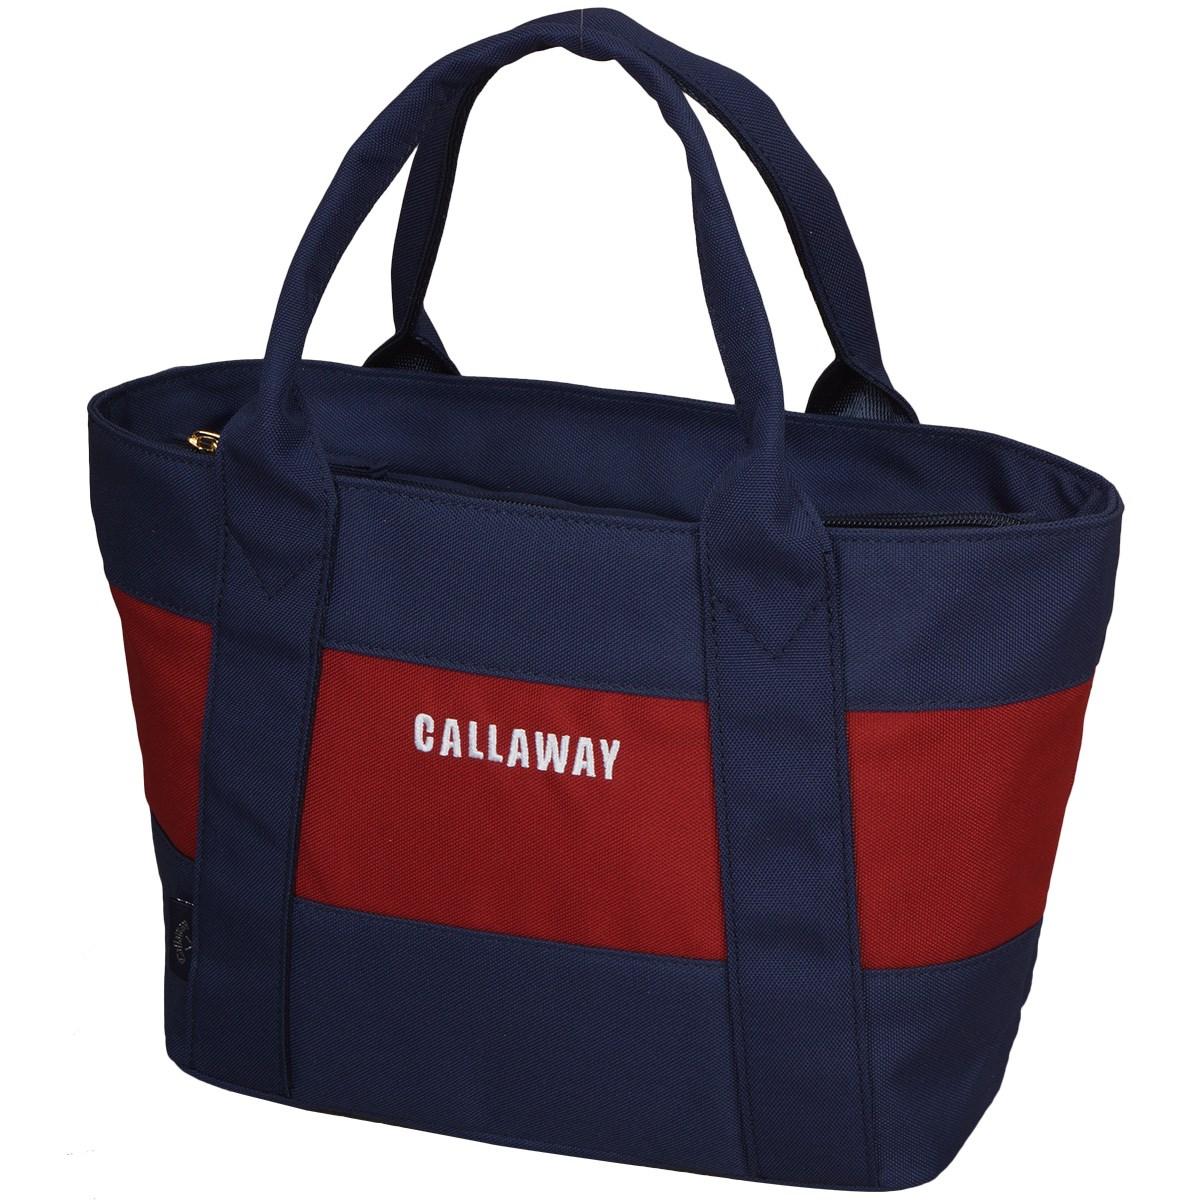 キャロウェイゴルフ(Callaway Golf) カートバッグ